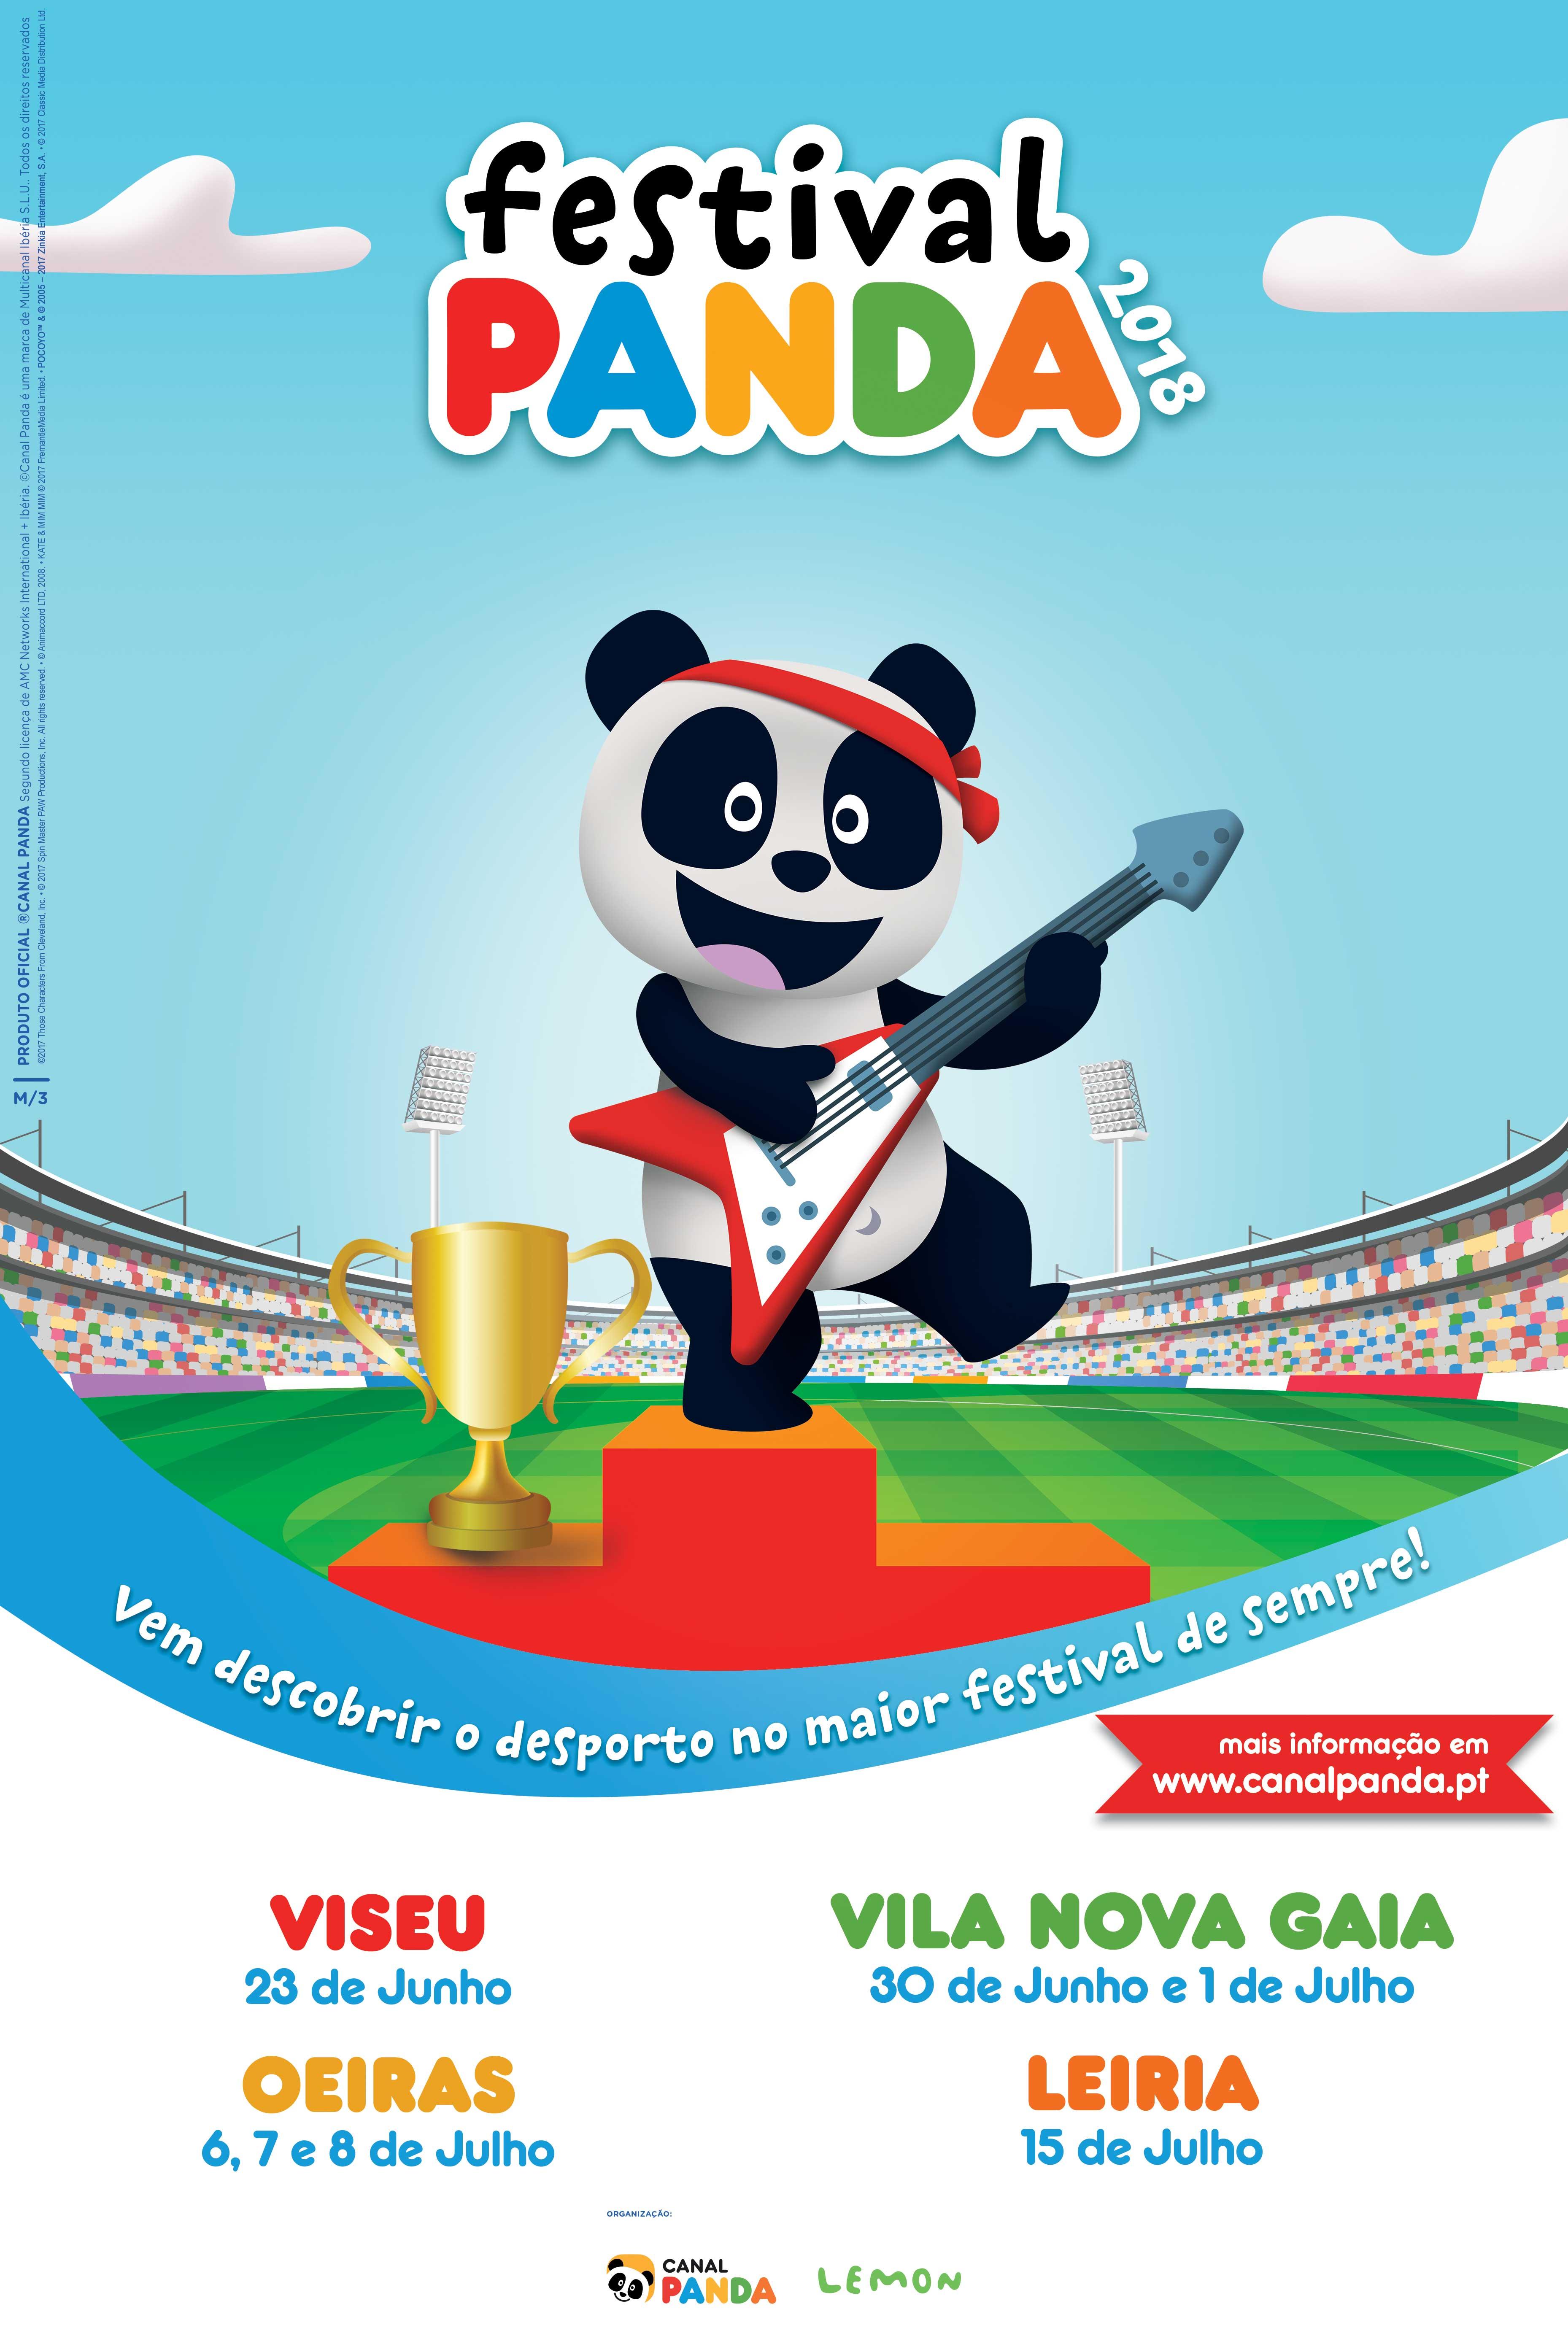 Festival Panda 2018 Está A Chegar A Edição De 2018 Do Festival Panda